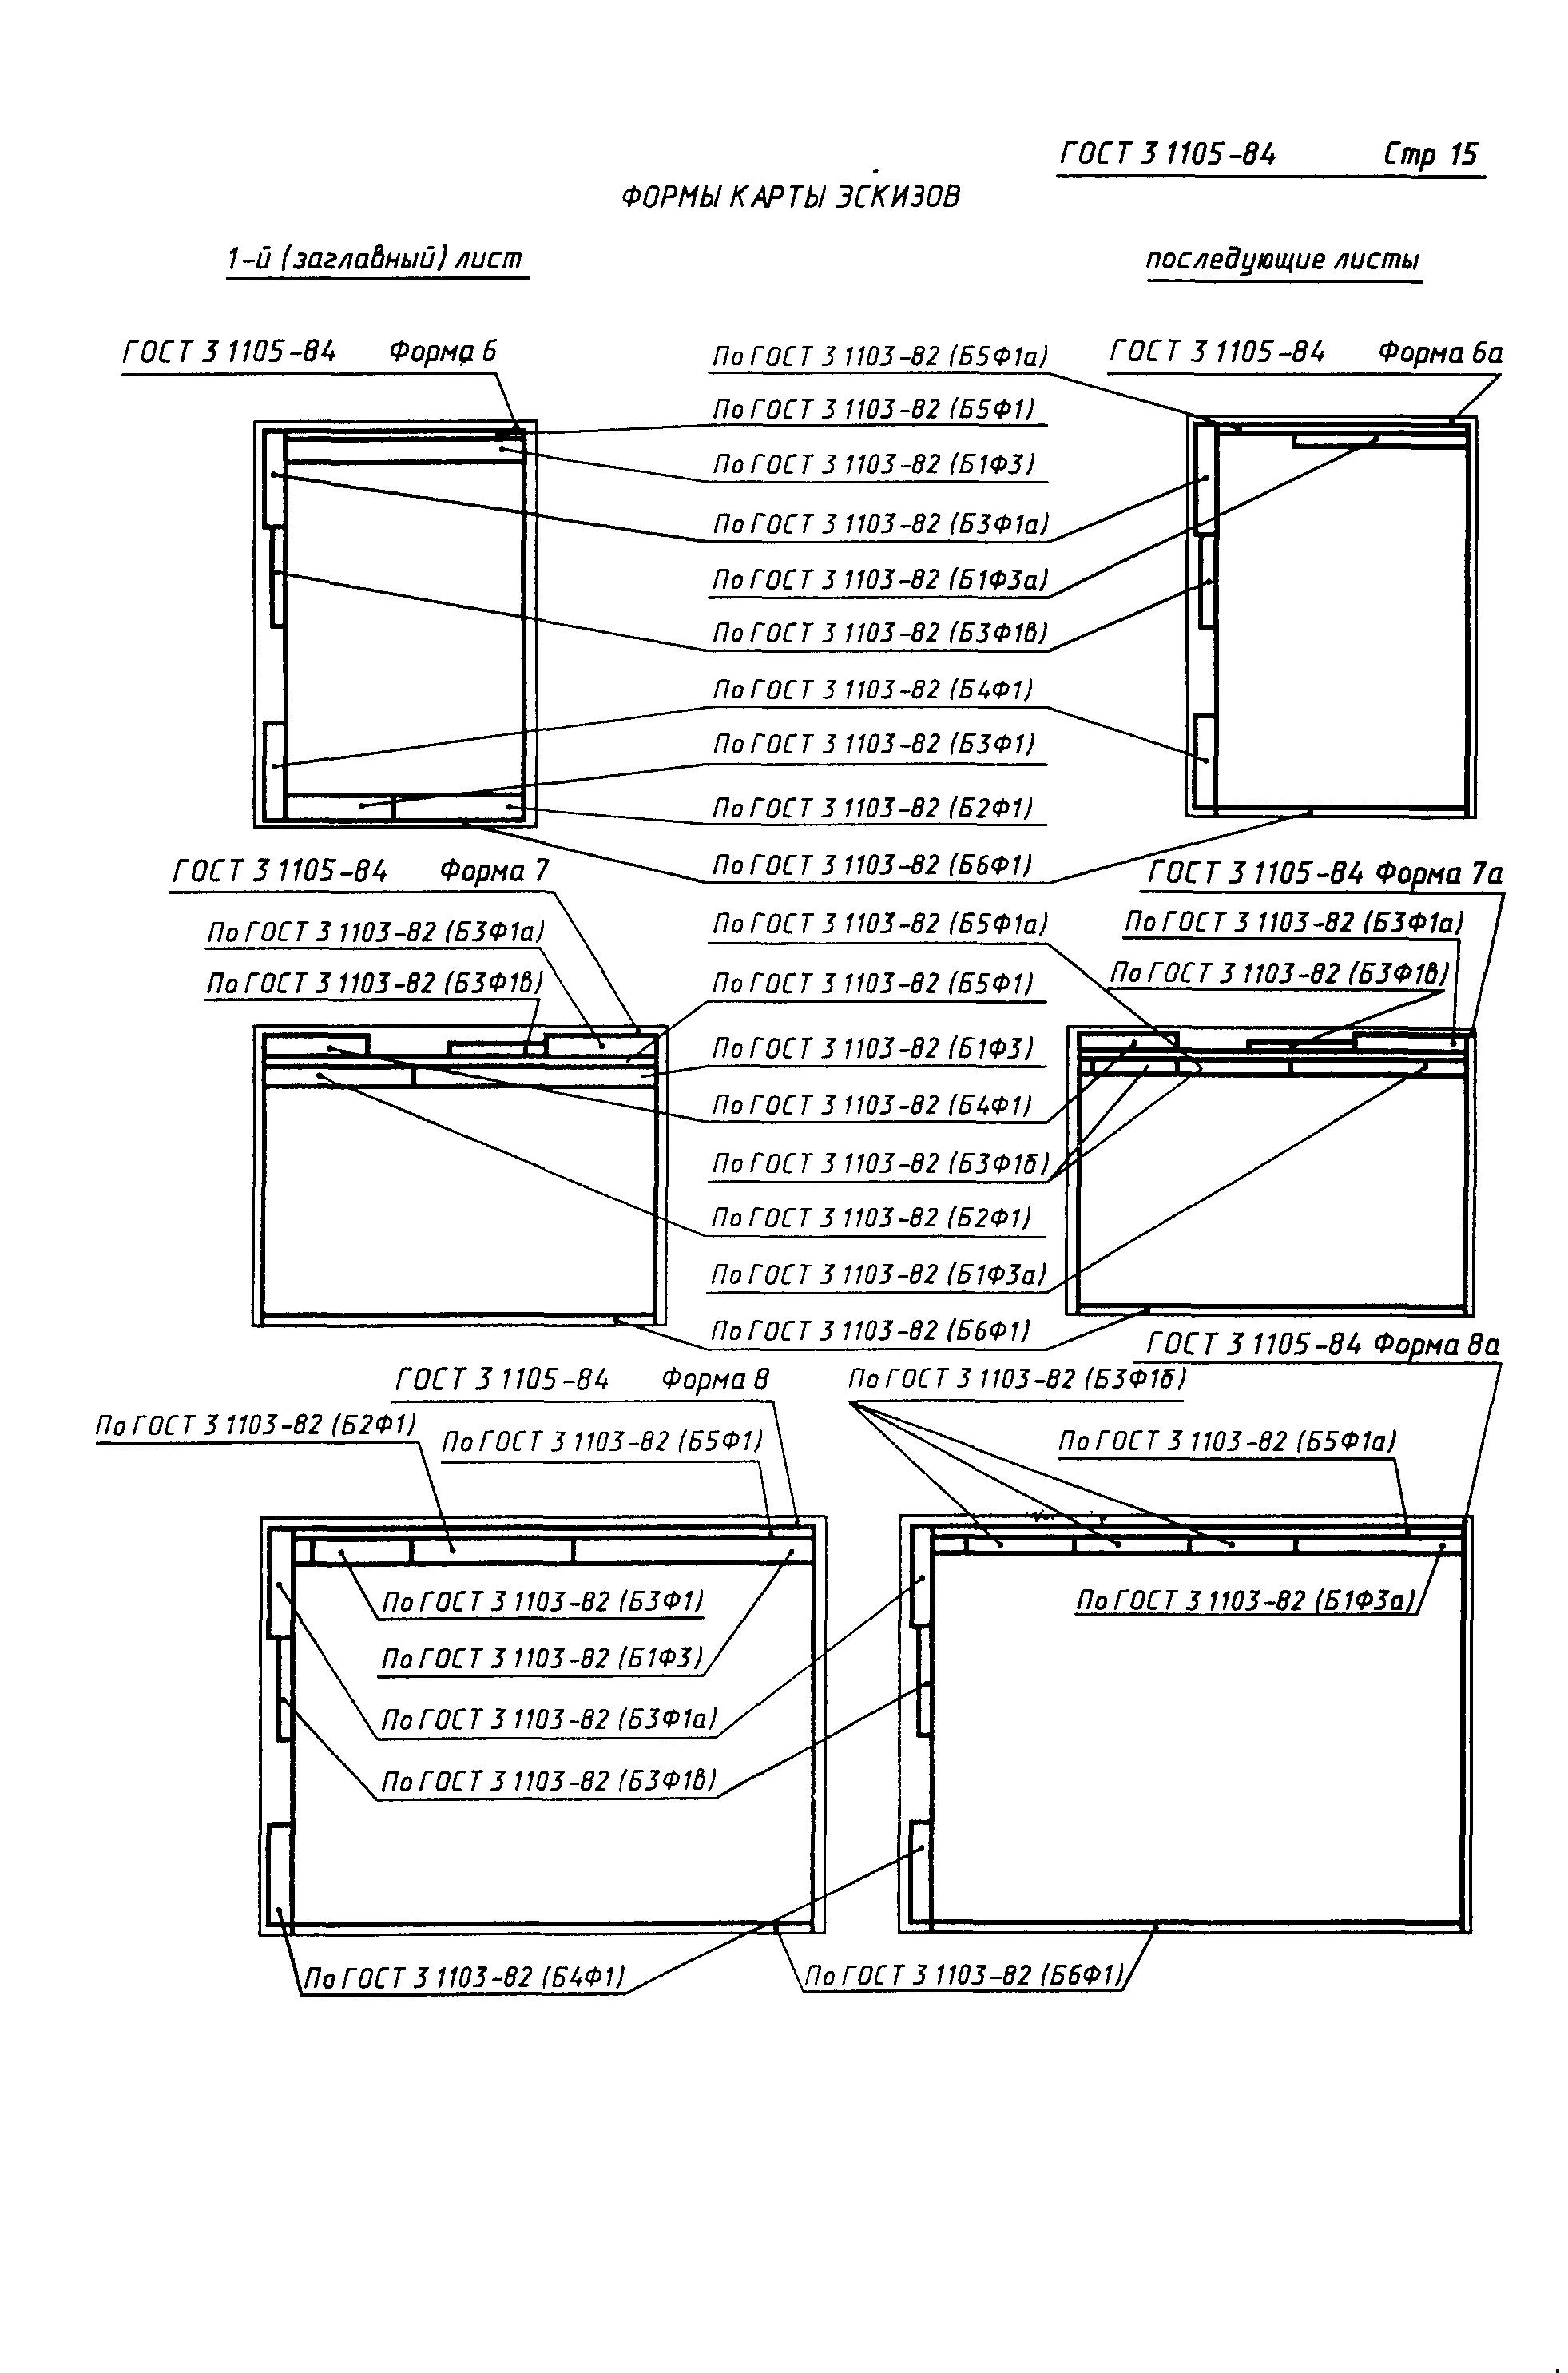 оформление операционной карты гост